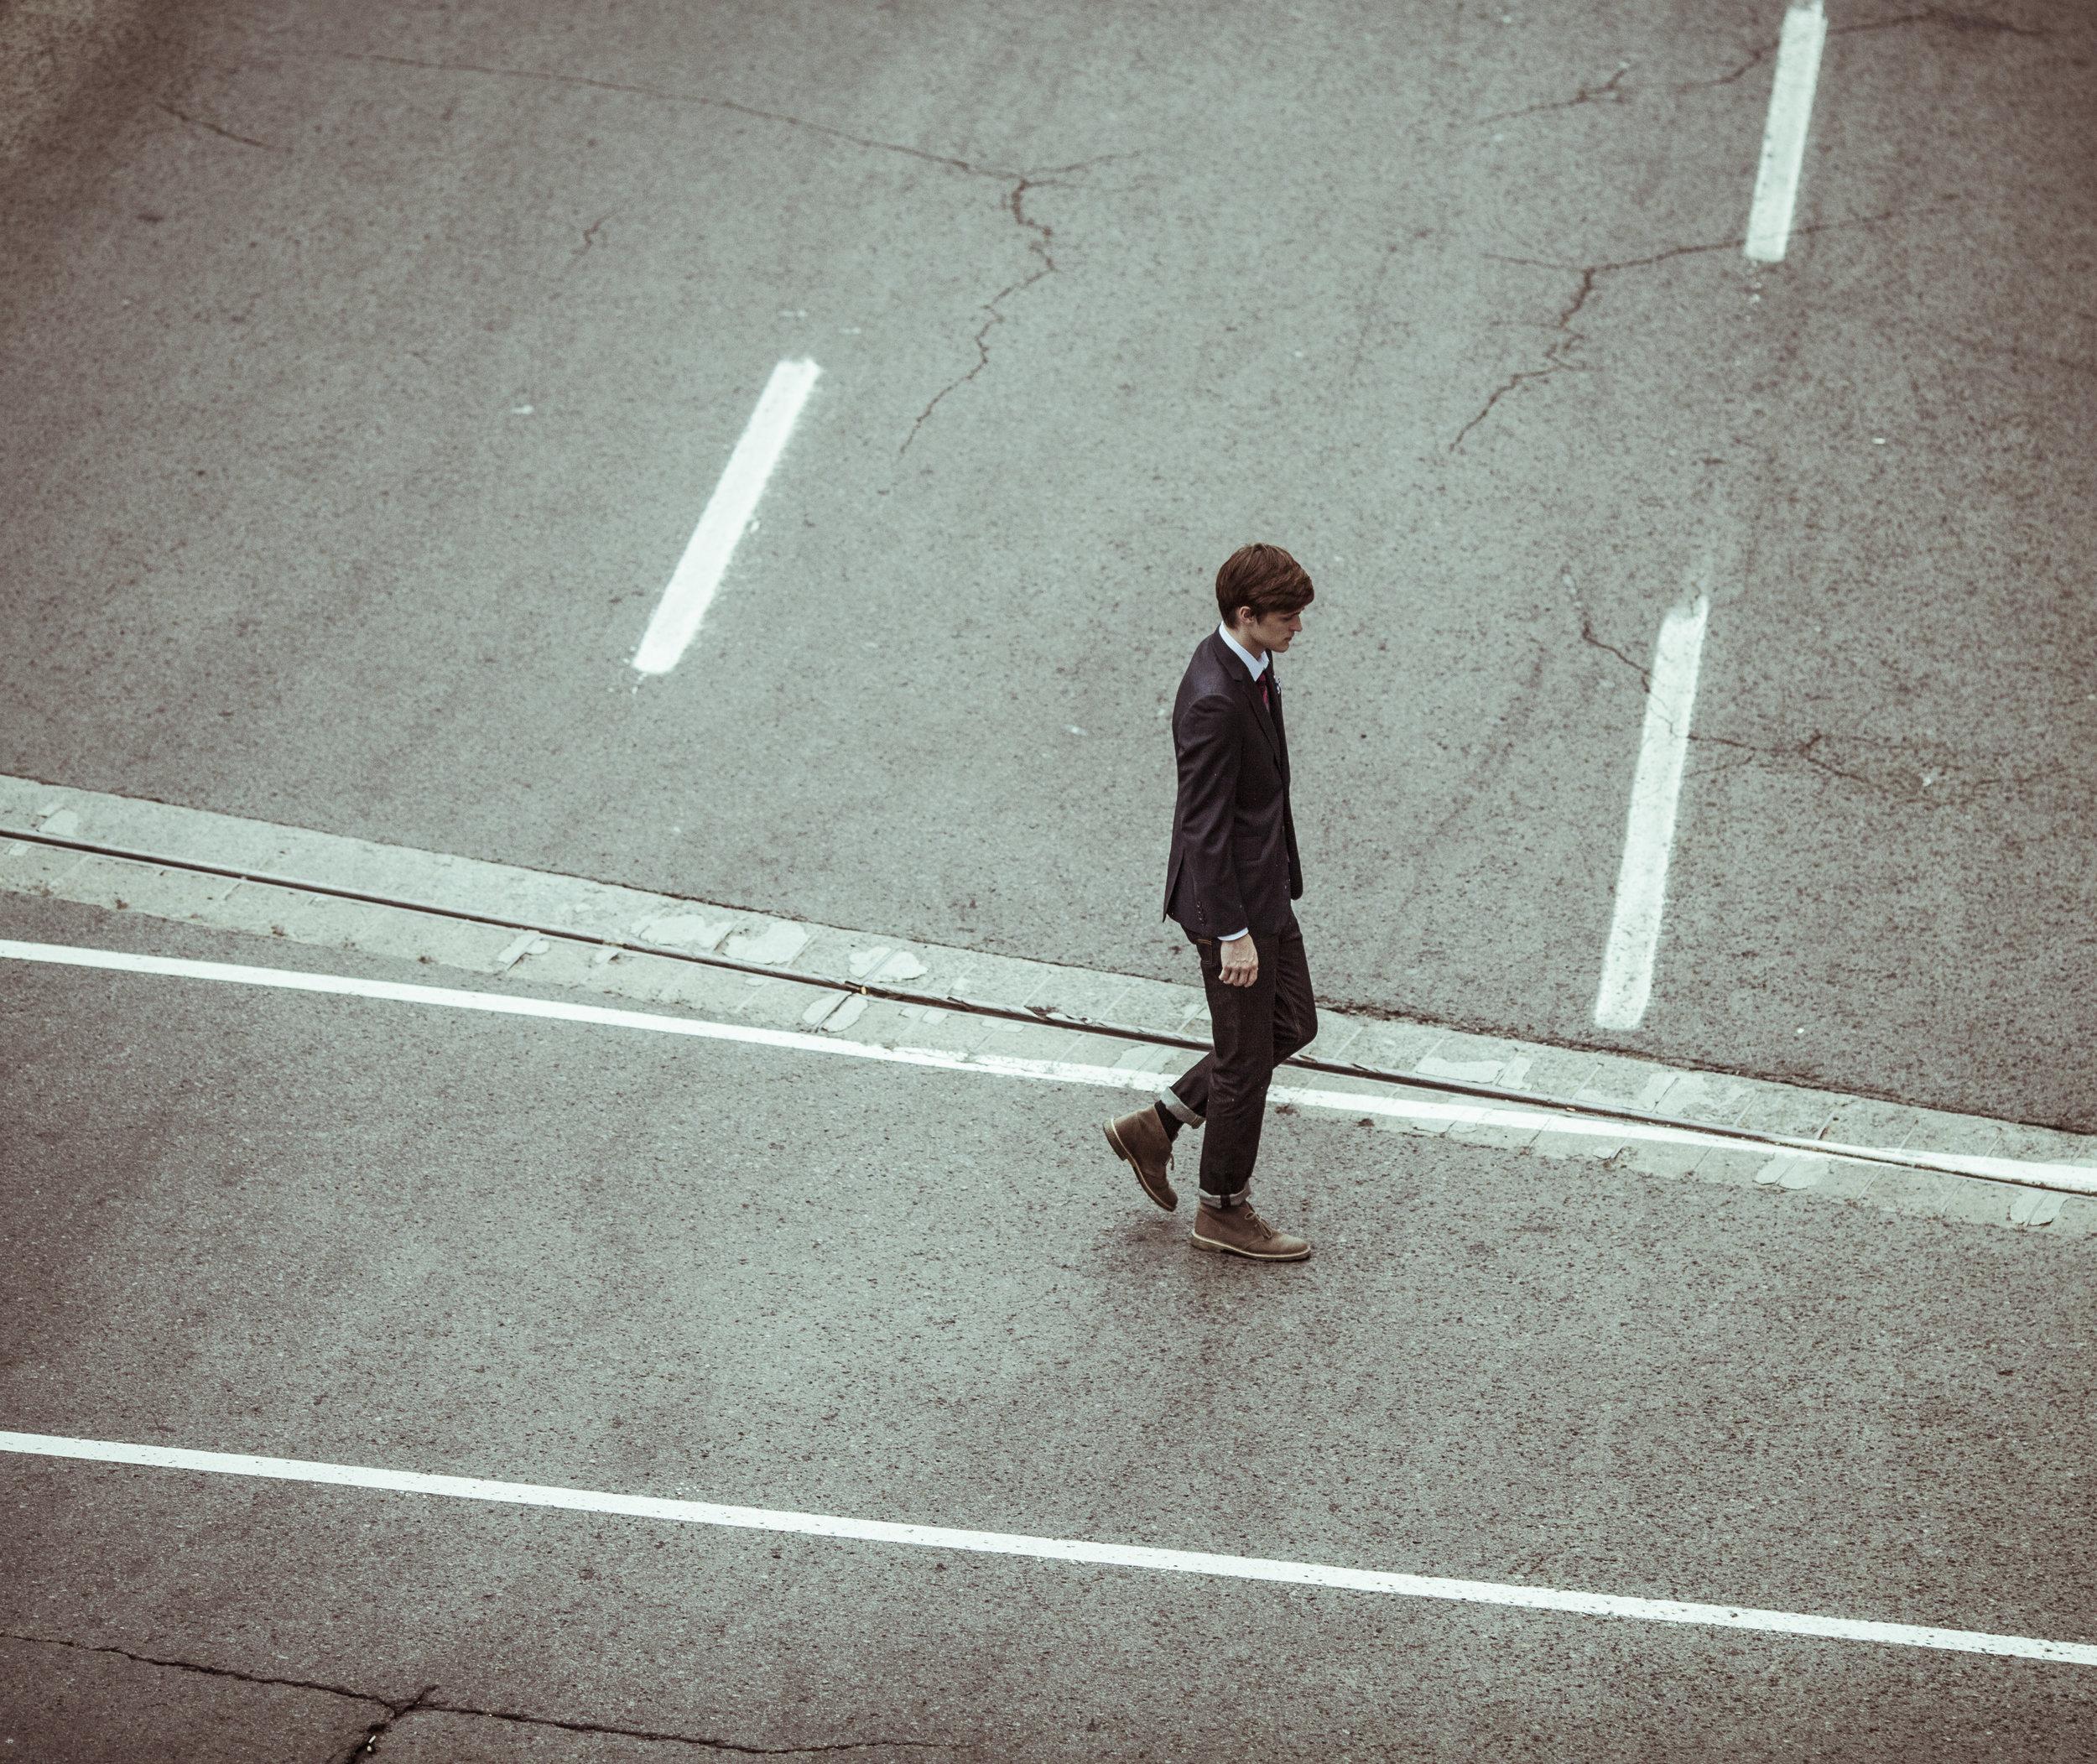 unsplash_lonely_guy_crossing_road.jpg